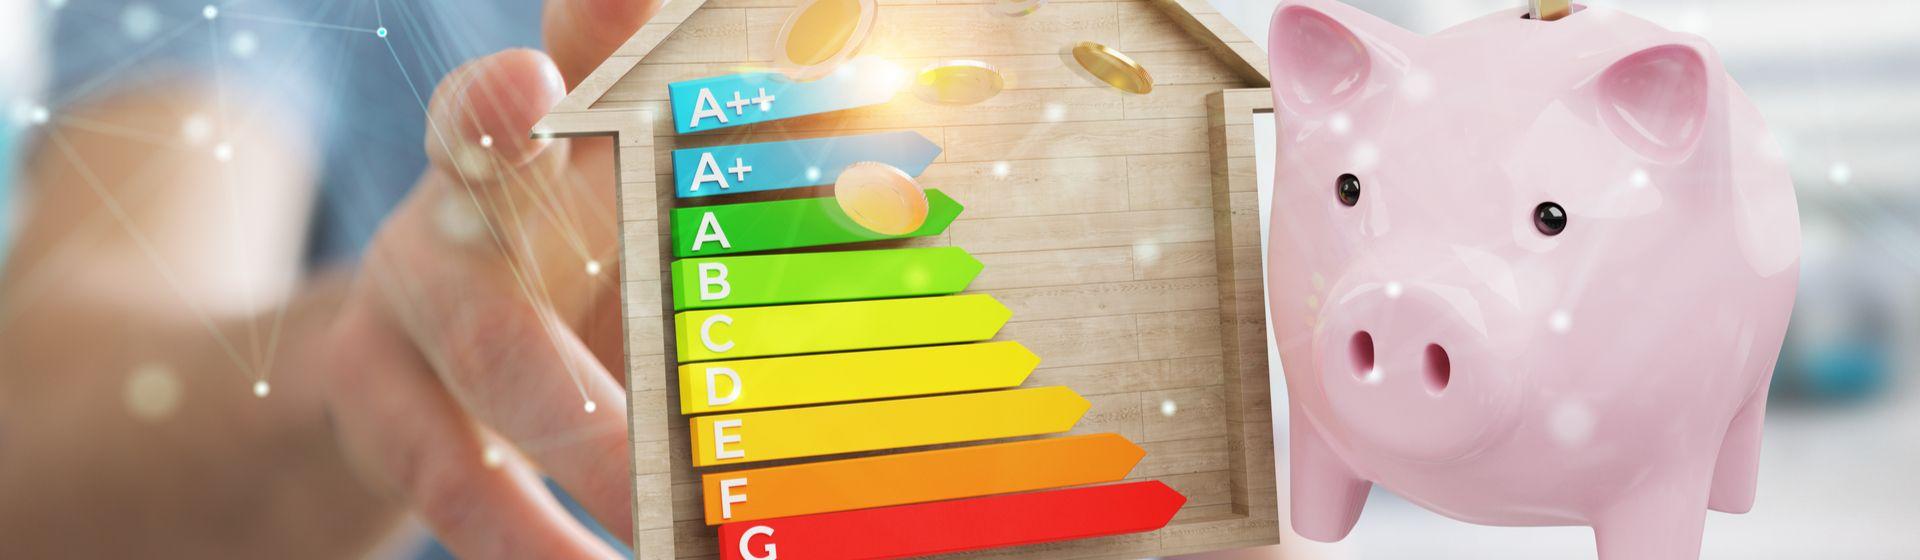 Como calcular o consumo de energia dos aparelhos elétricos?